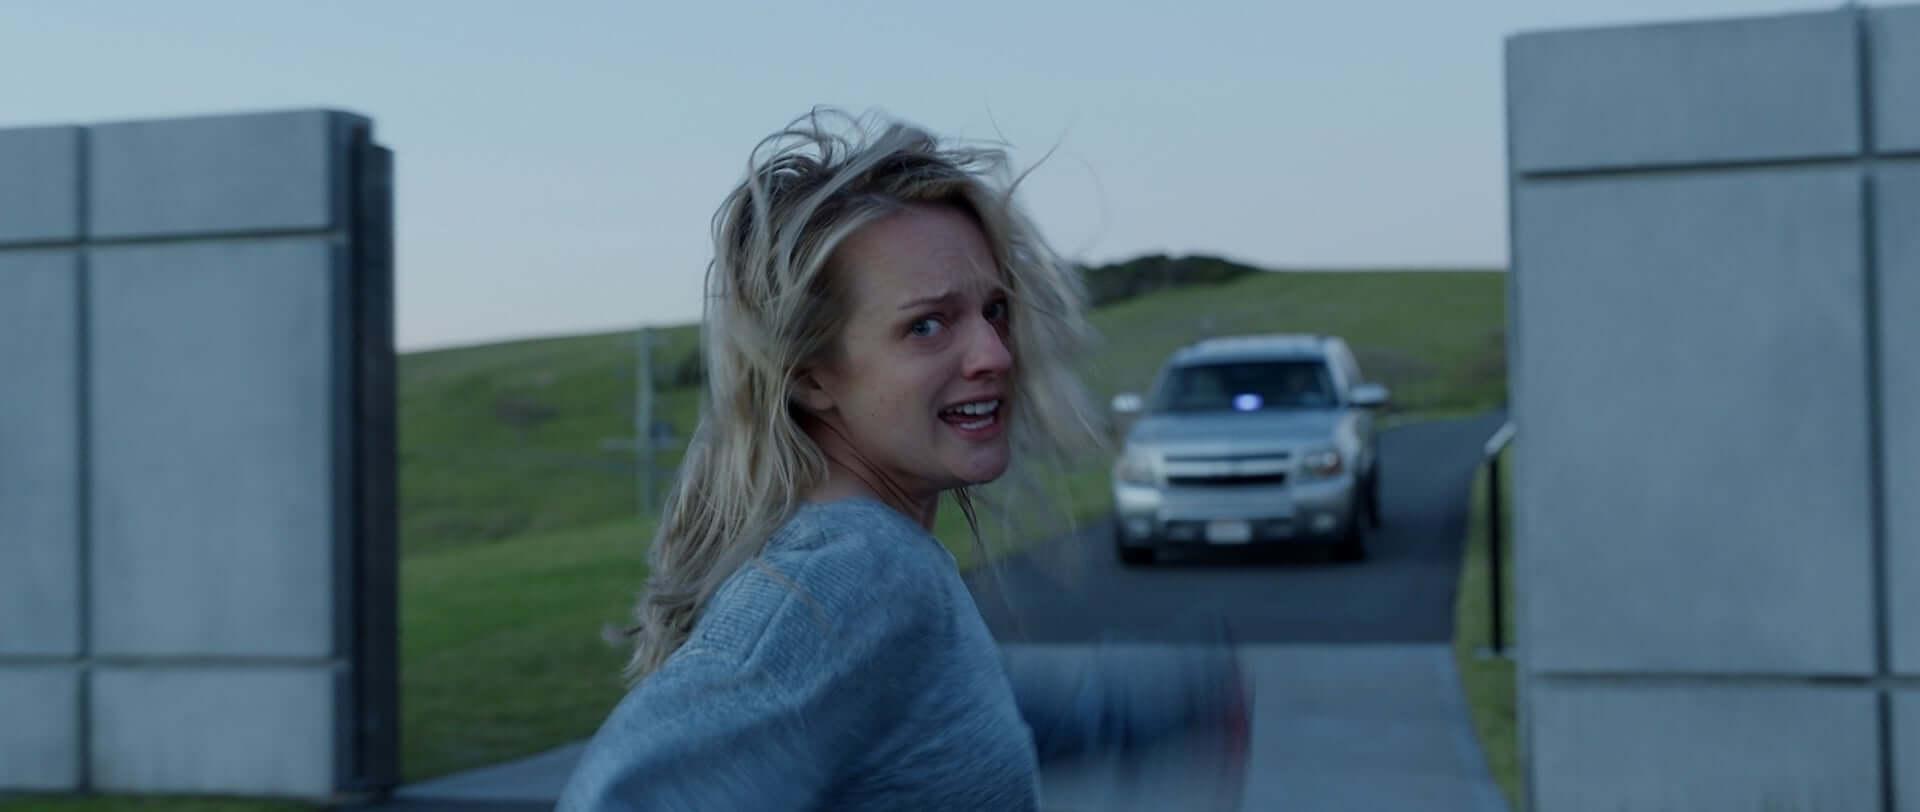 エリザベス・モス演じるセシリアが狂気に苛まされていく…『透明人間』本編映像&リー・ワネル監督のコメントが公開 film200708_toumei-ningen_3-1920x812